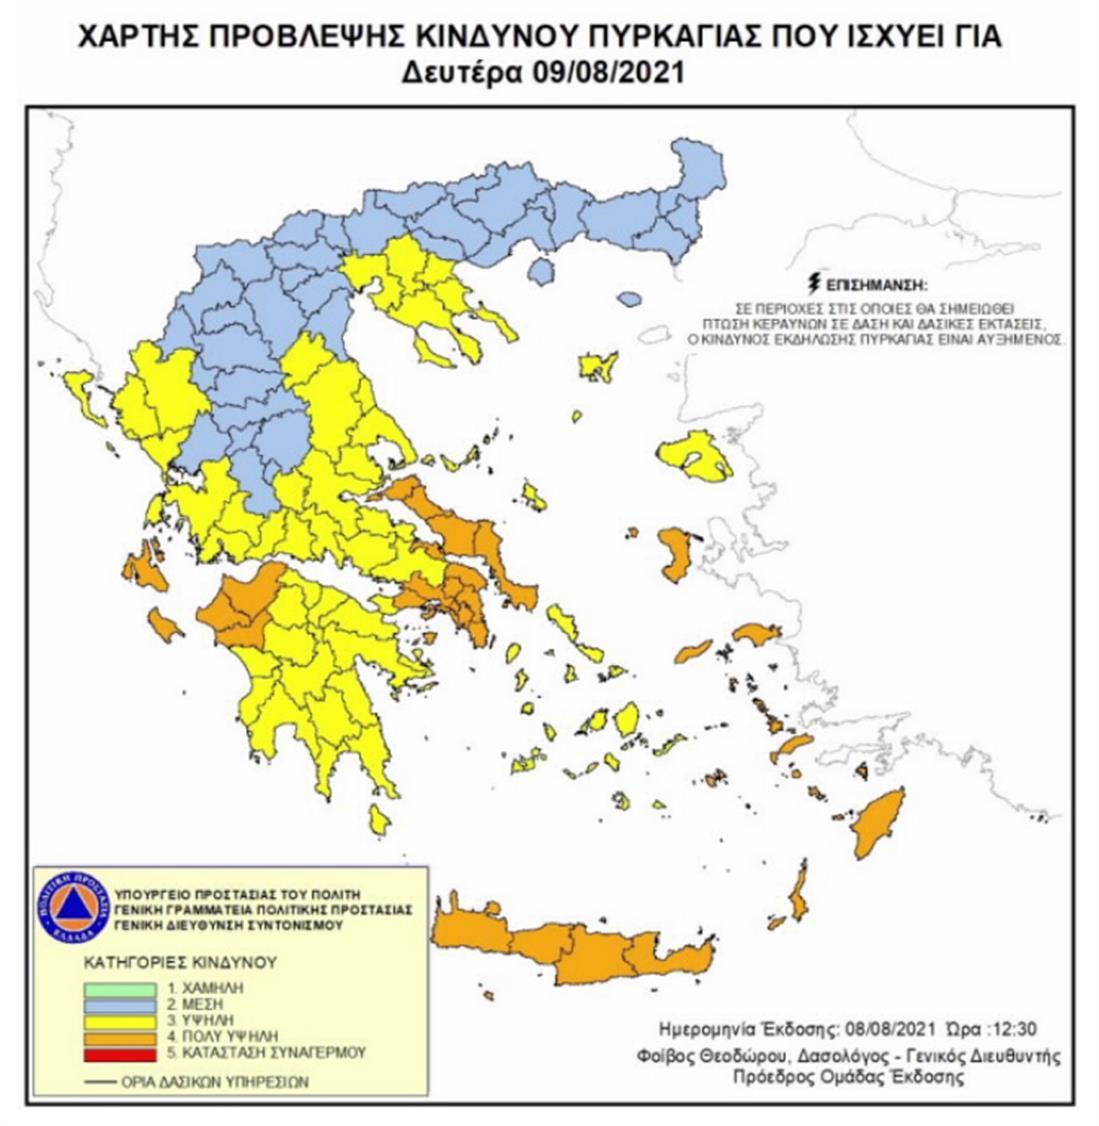 χάρτης επικινδυνότητας πυρκαγιών - 9/8/2021